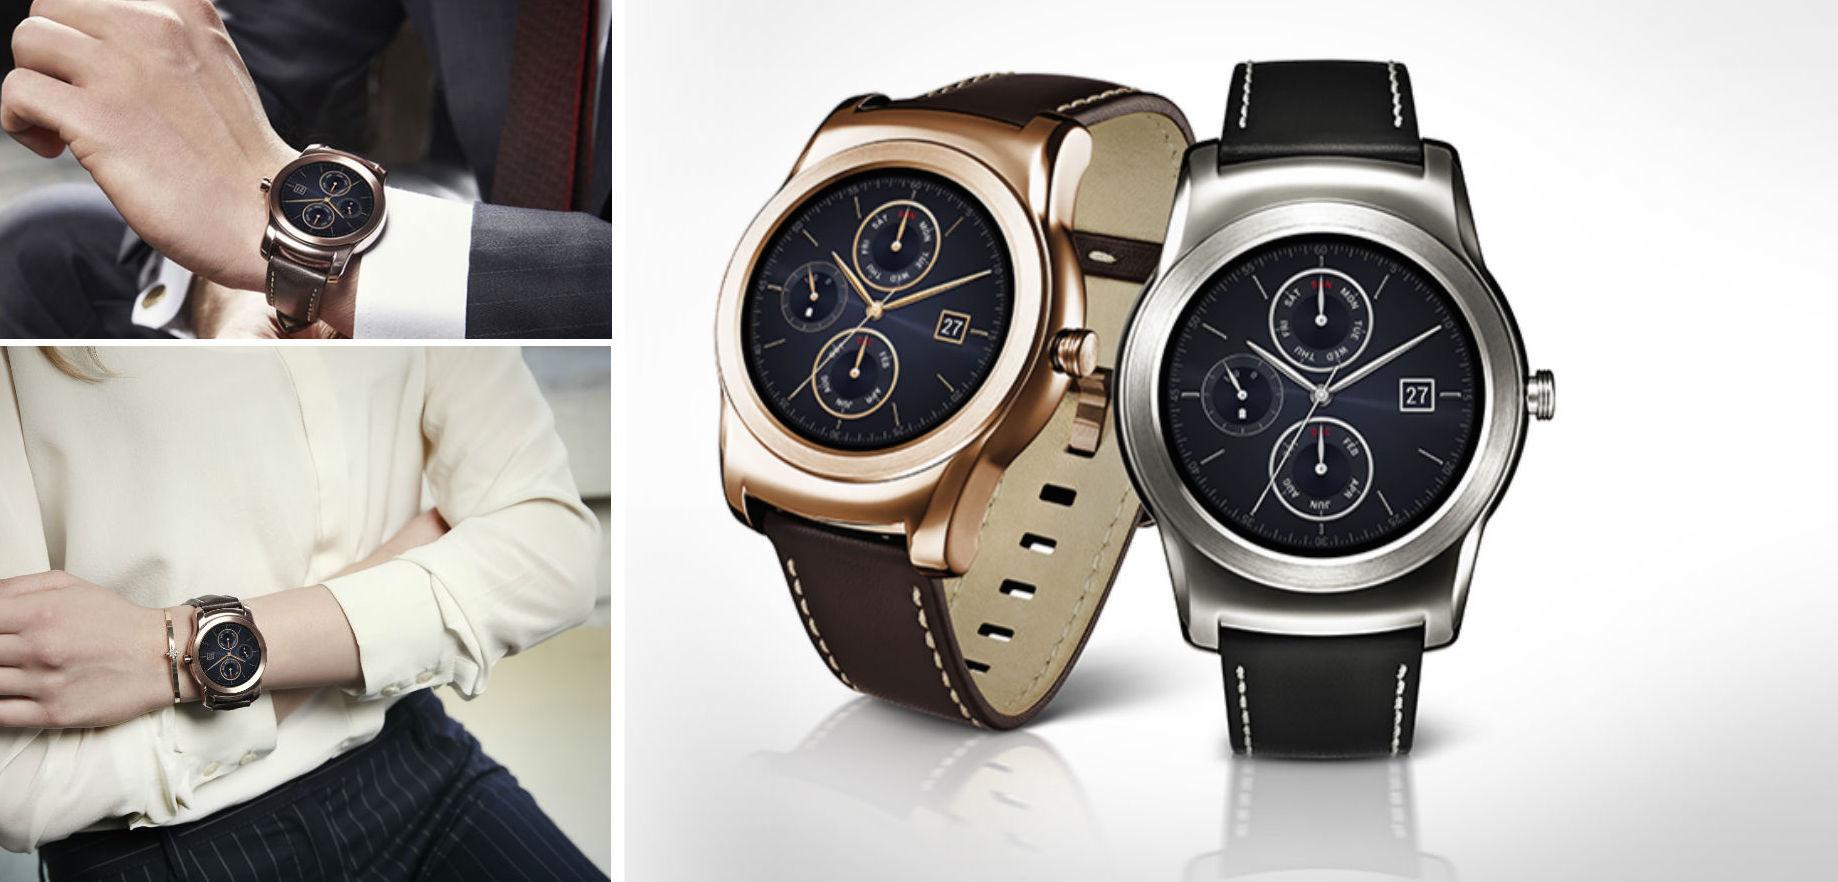 Топ-5 из десяти топов: лучшие смарт-часы 2015 года, по мнению западной прессы - 2